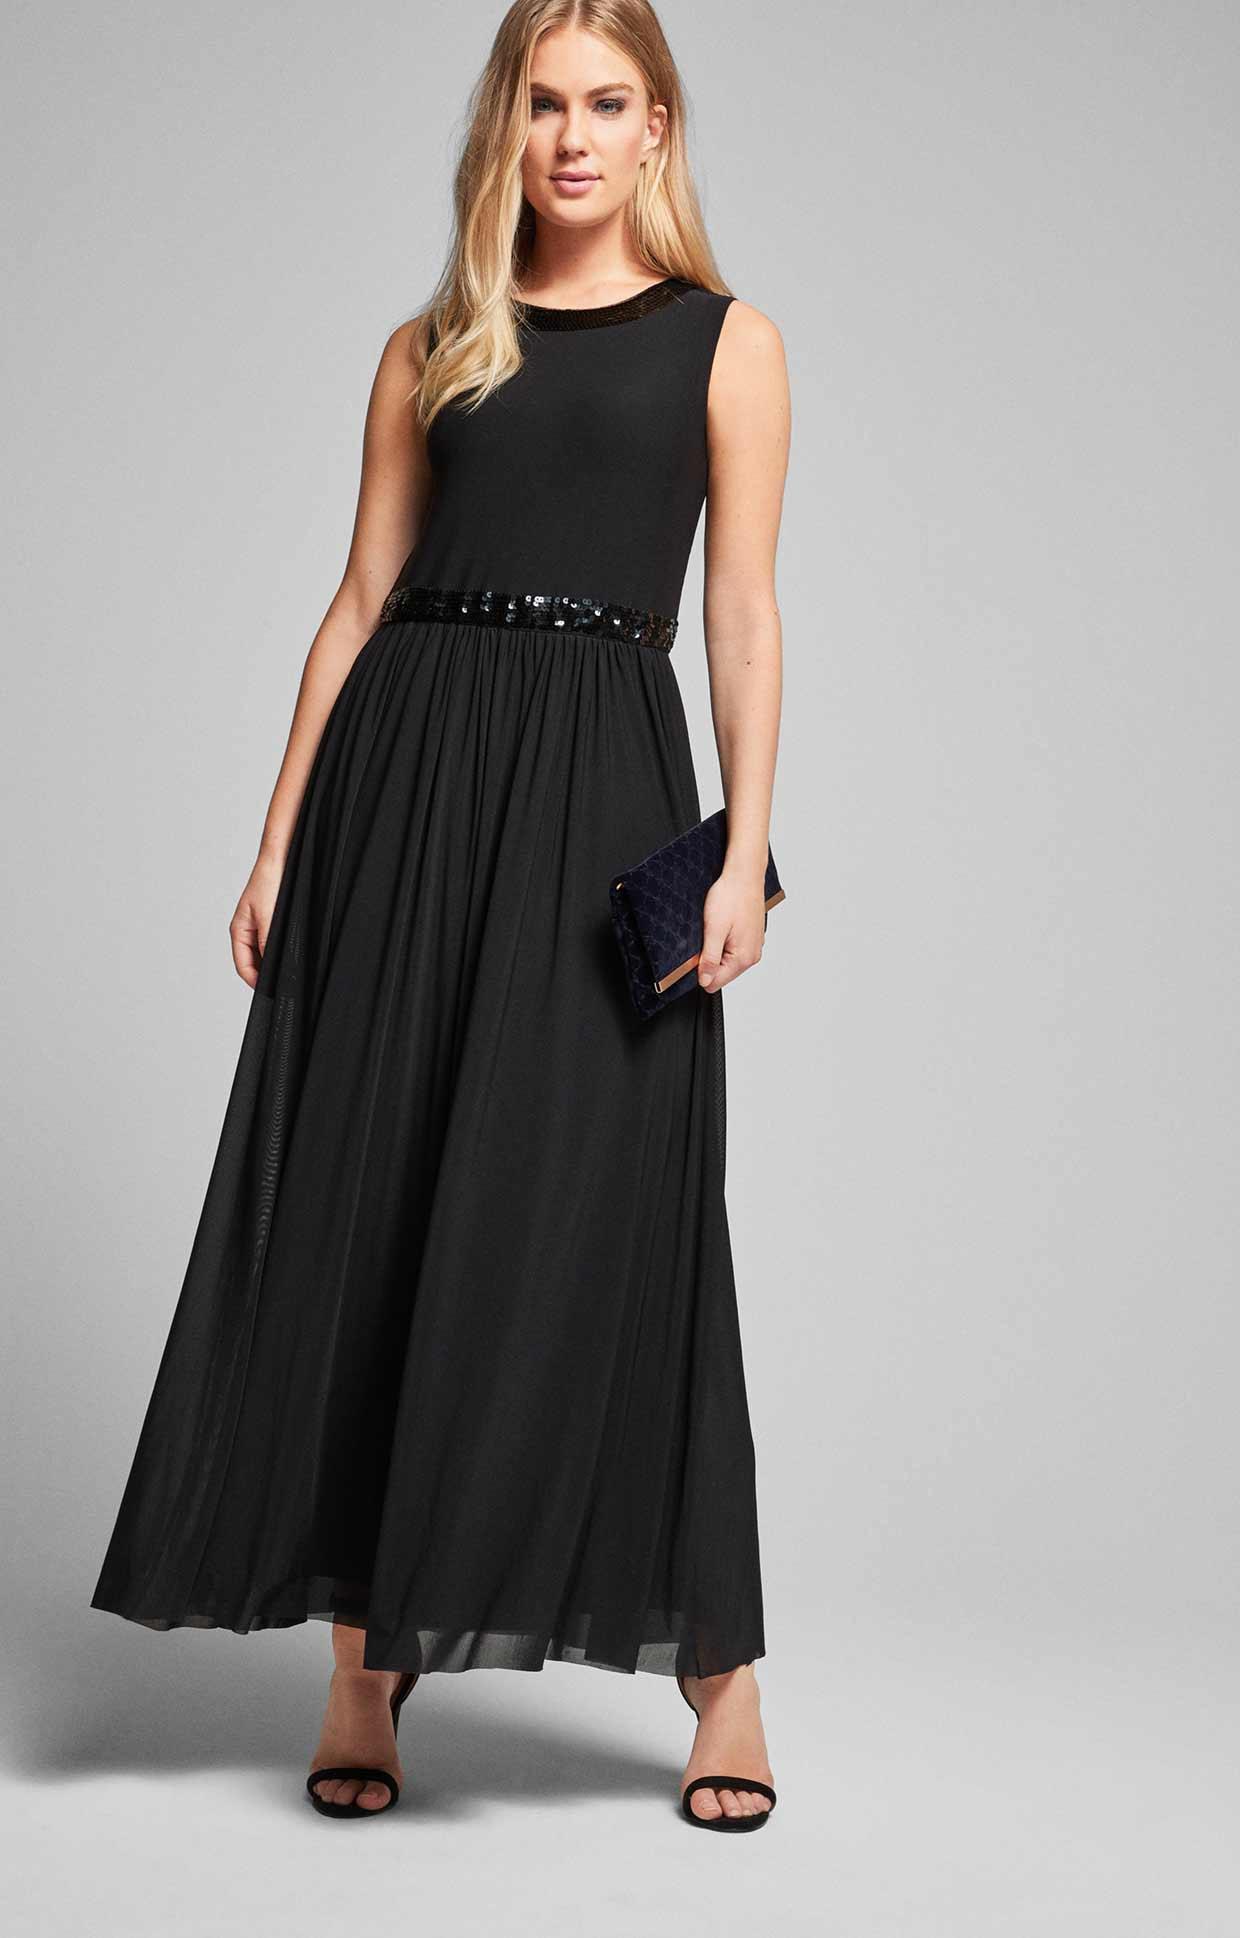 Genial Kleid Für Abend für 2019Designer Genial Kleid Für Abend Ärmel